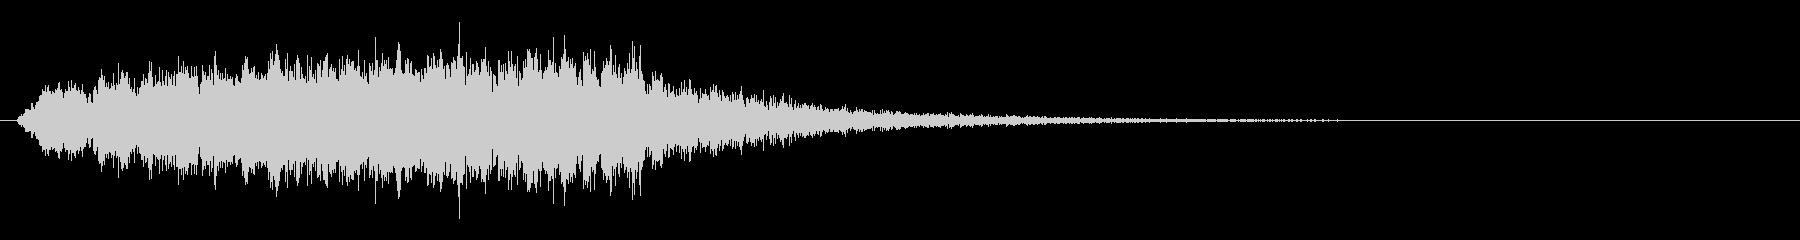 アイキャッチ51の未再生の波形